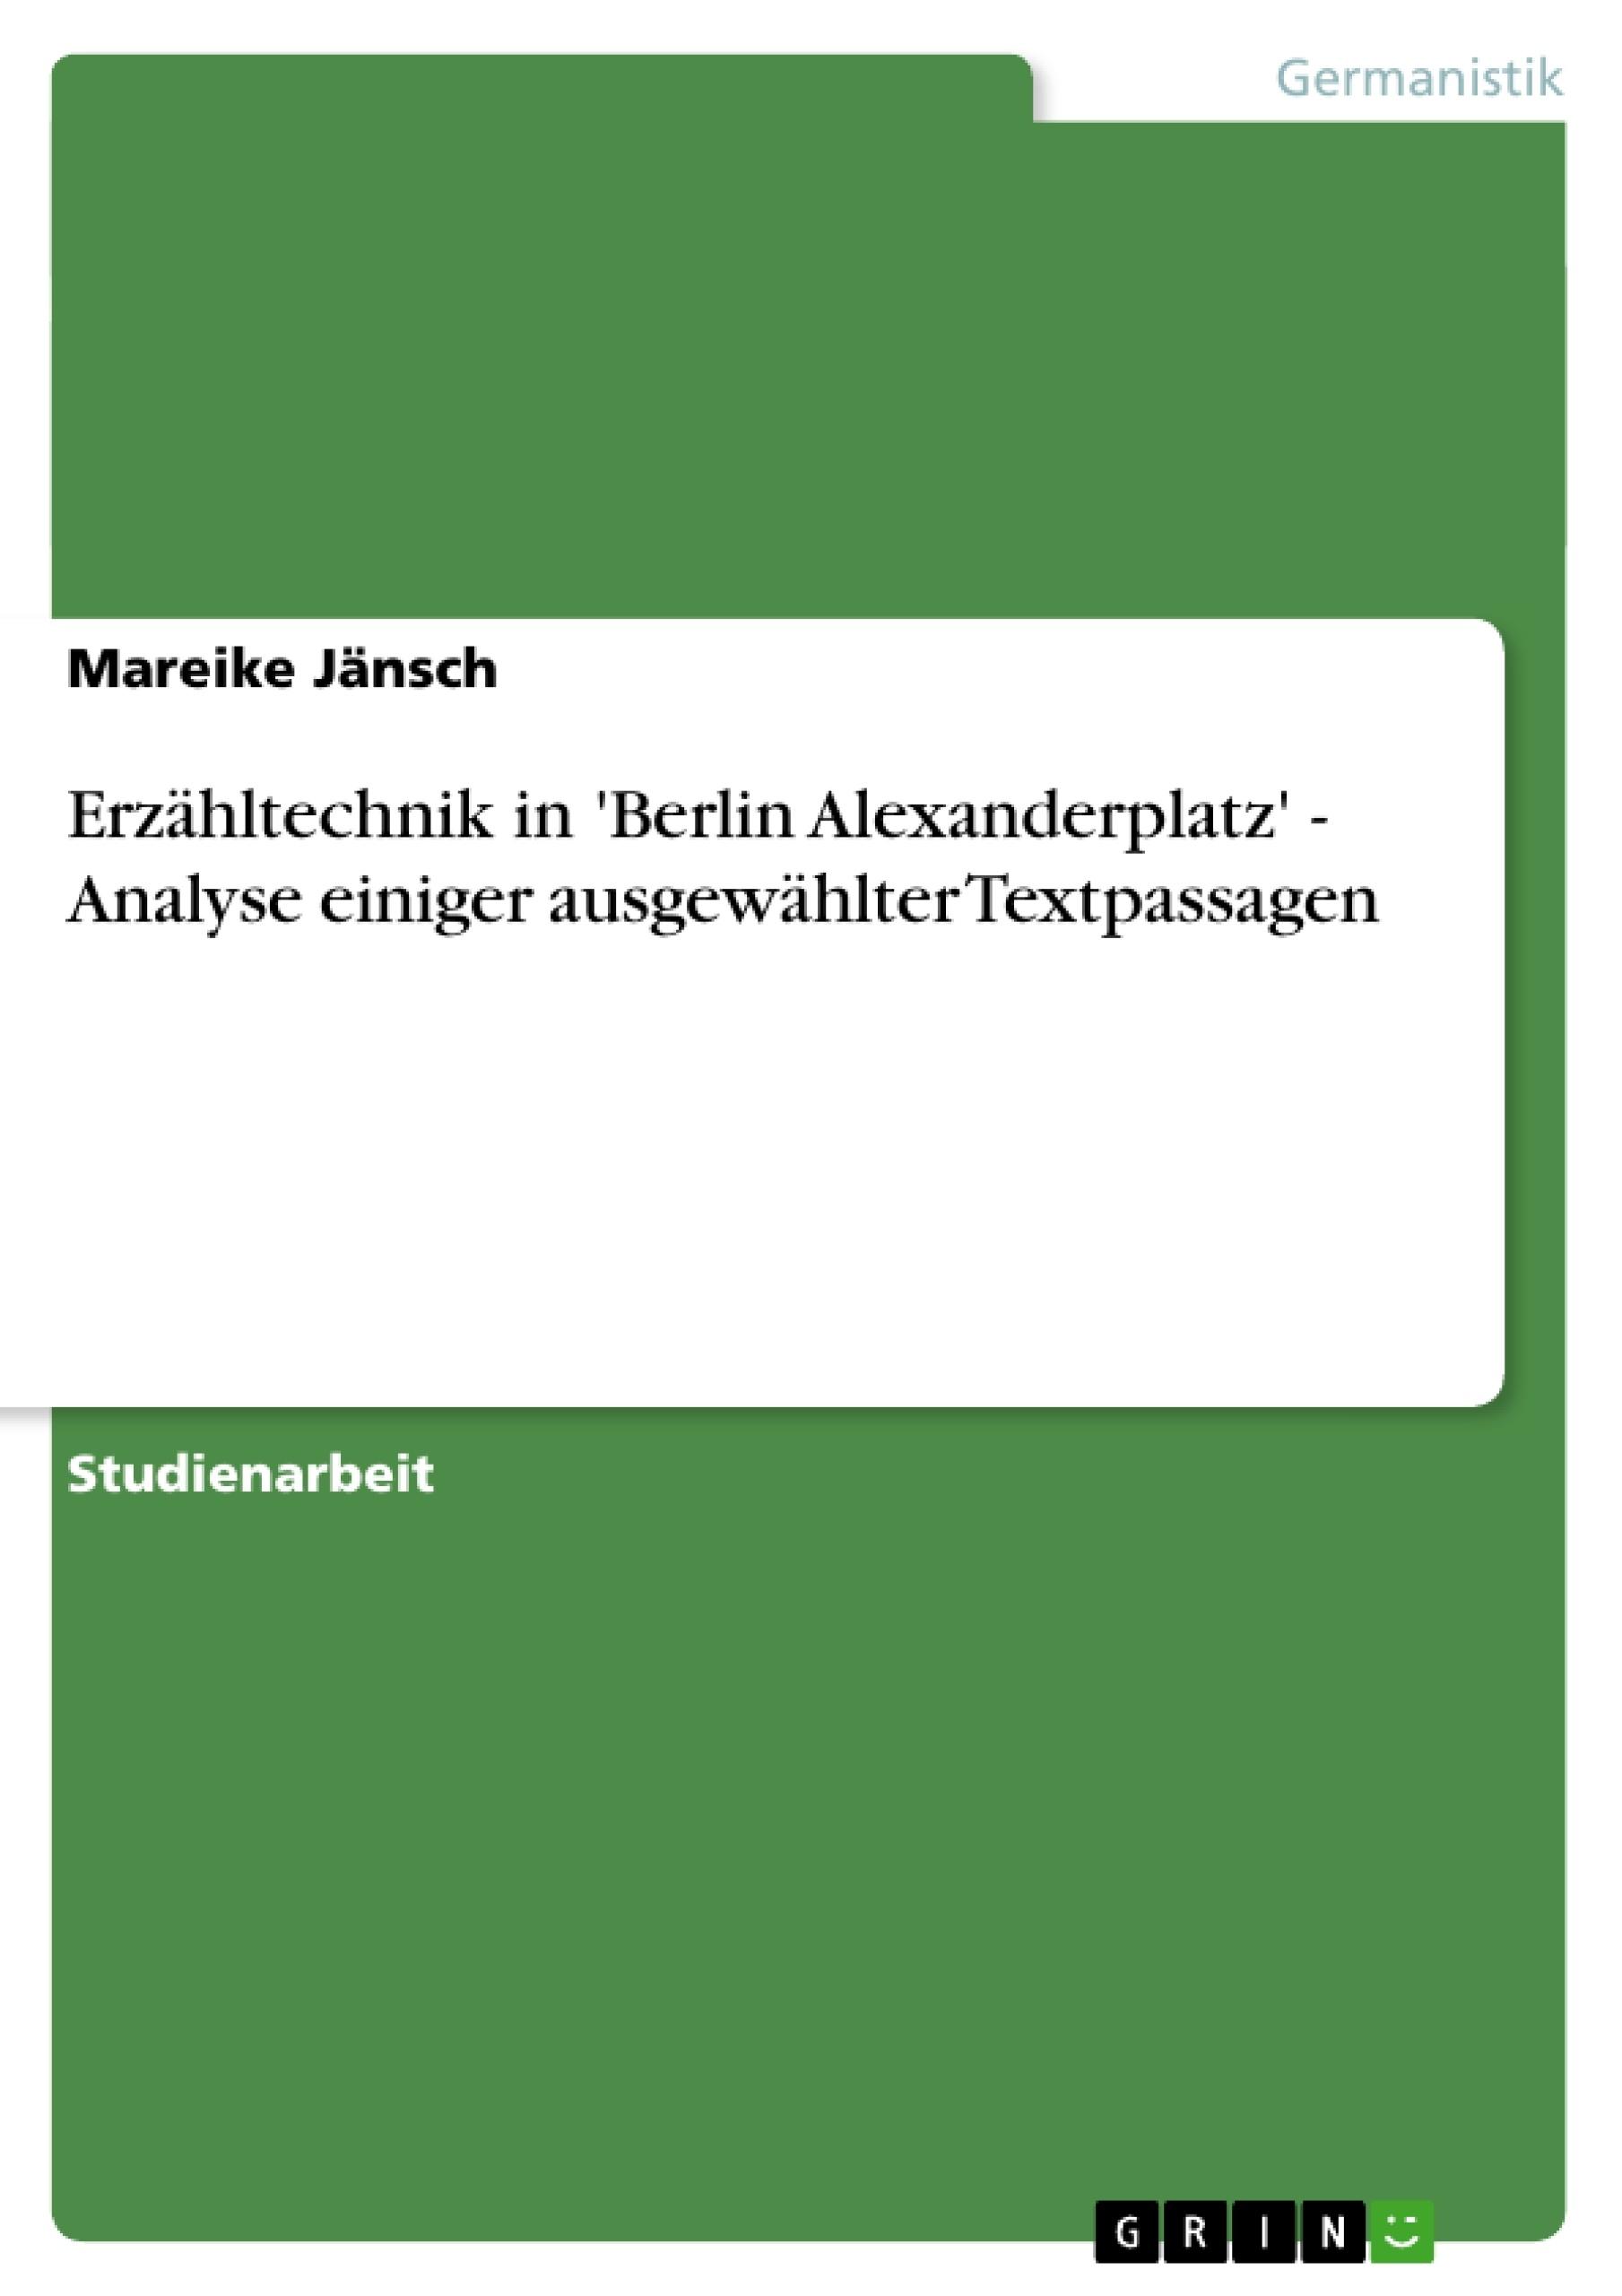 Titel: Erzähltechnik in 'Berlin Alexanderplatz' - Analyse einiger ausgewählter Textpassagen